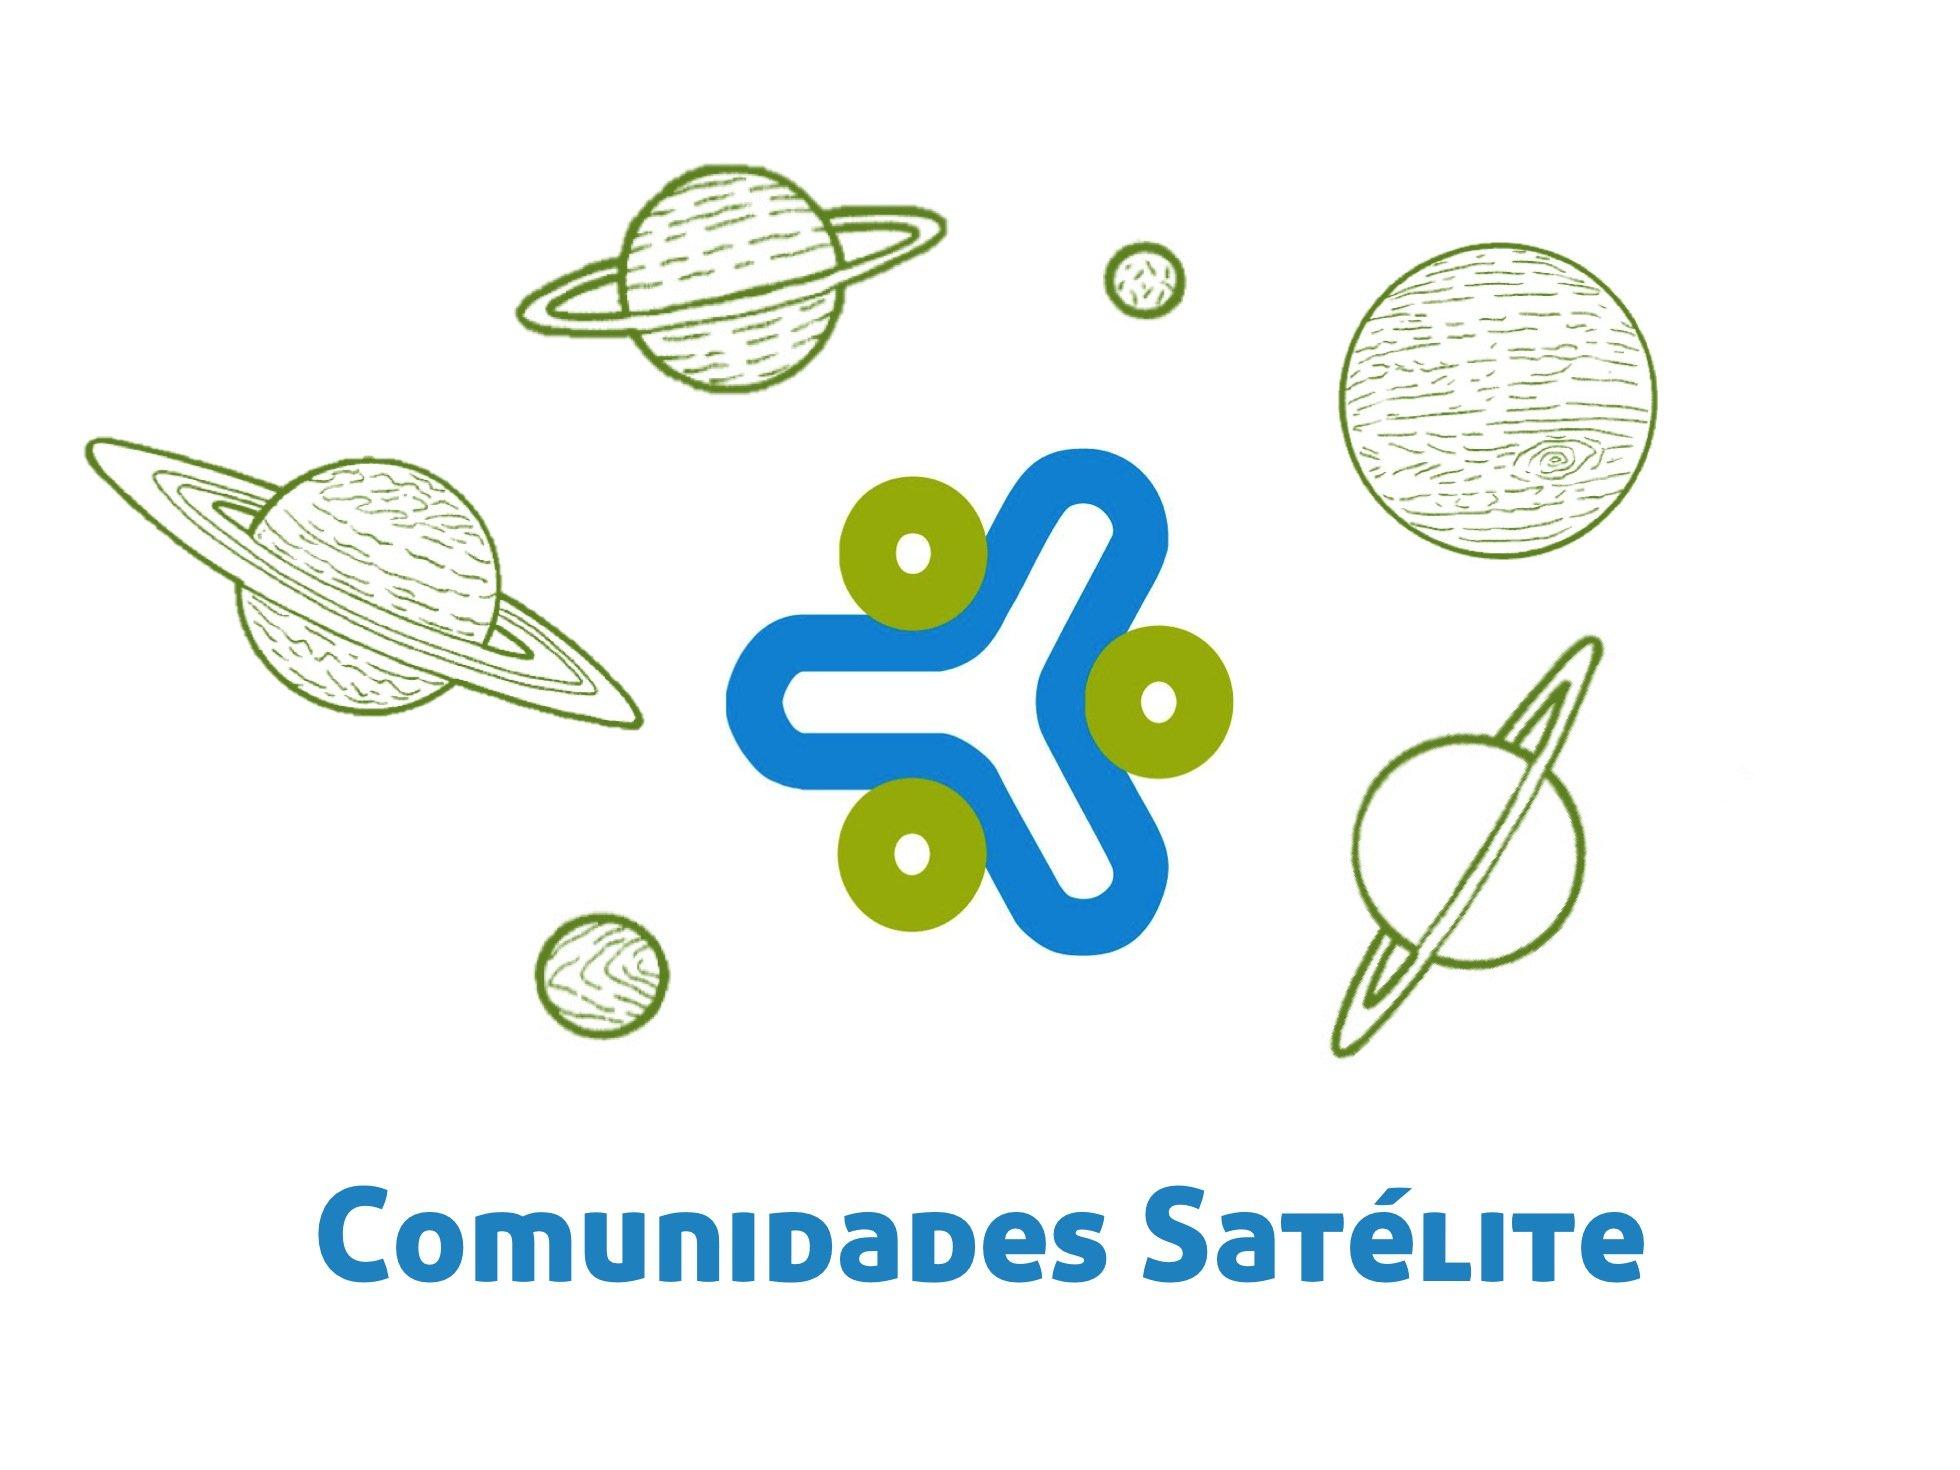 Comunidades satélite alrededor de tu Espacio Coworking